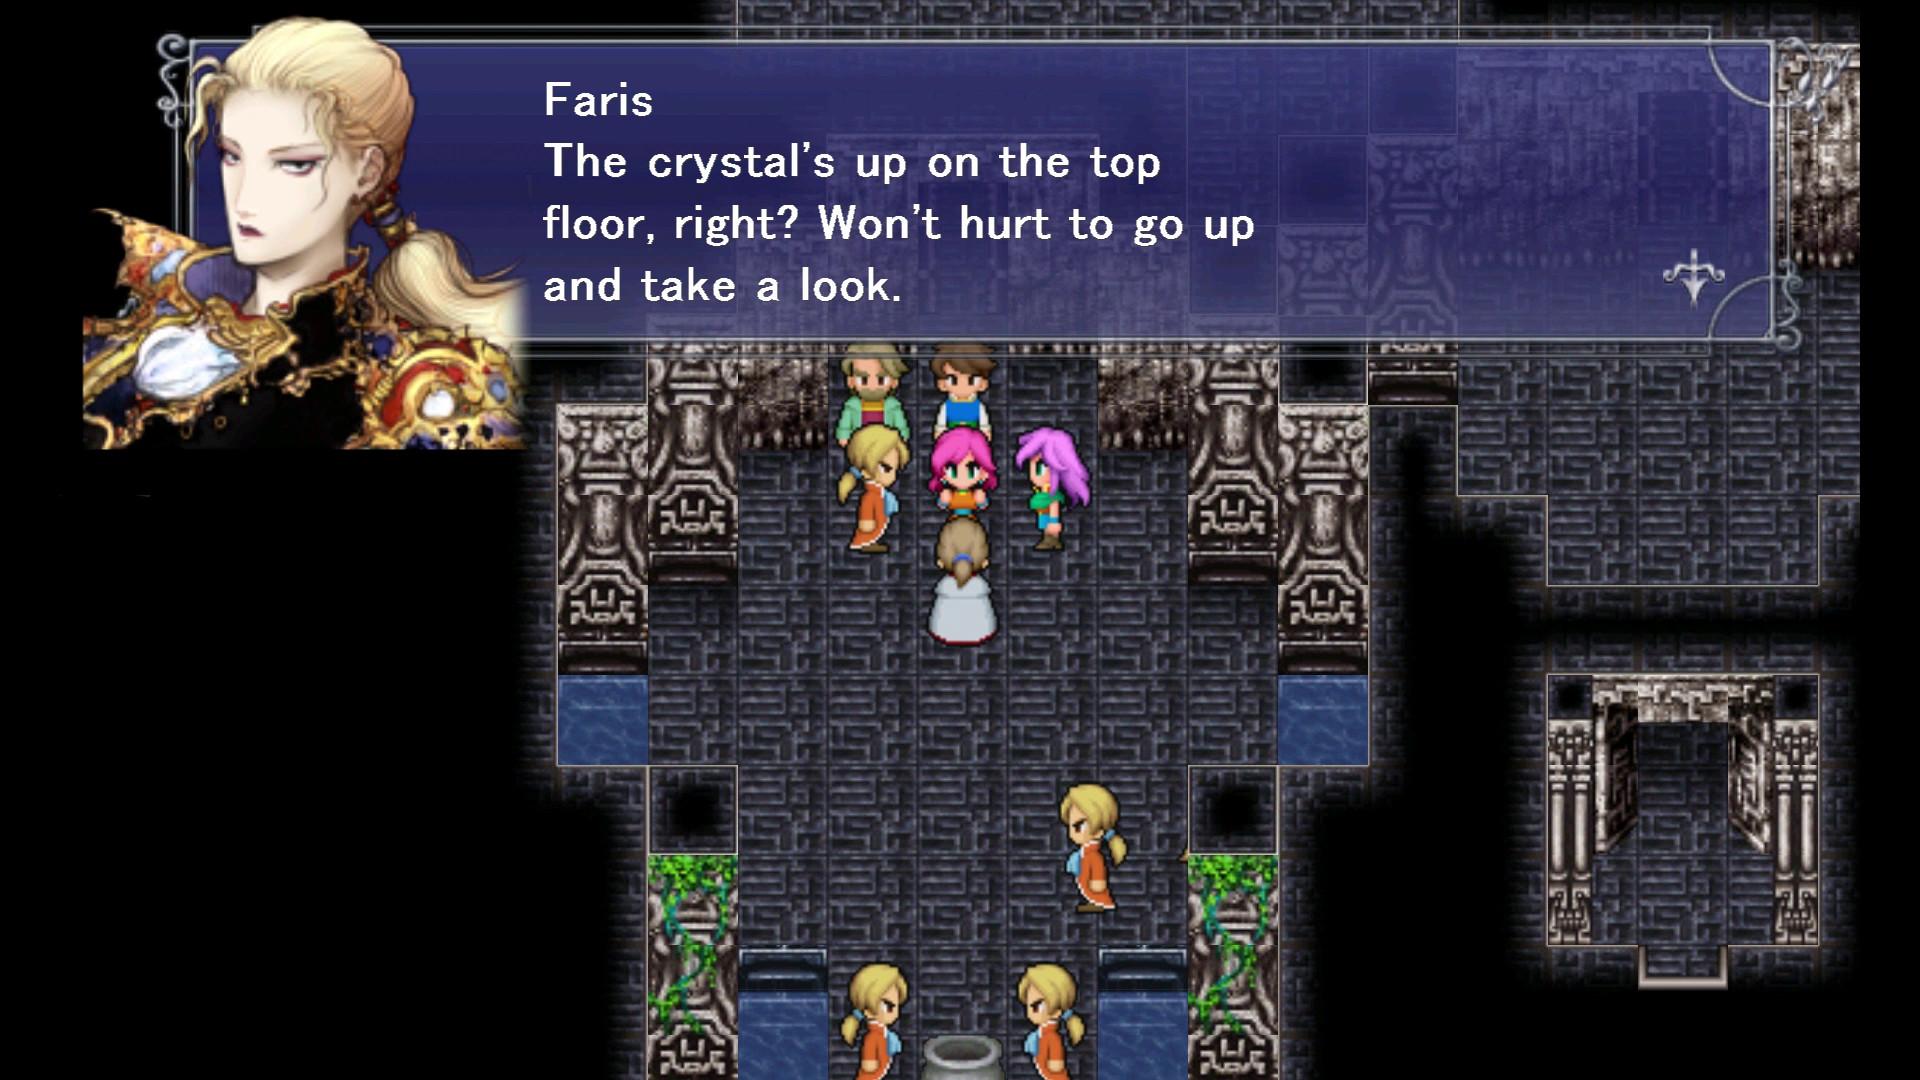 Similar to Final Fantasy Awakening